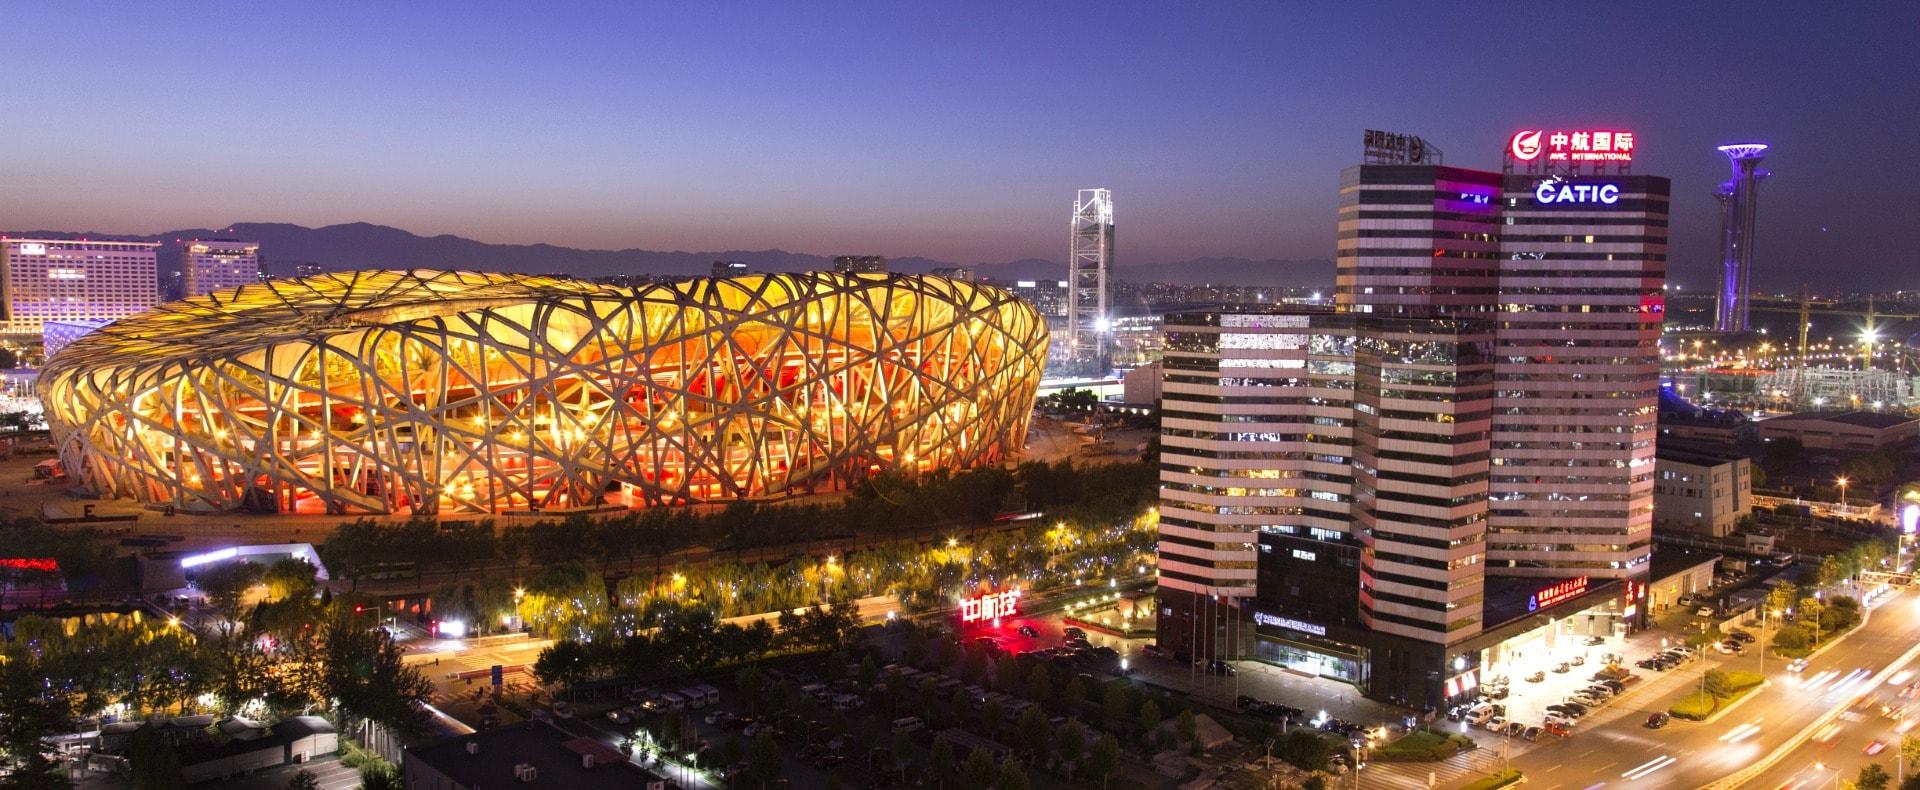 Beijing, China Gallery